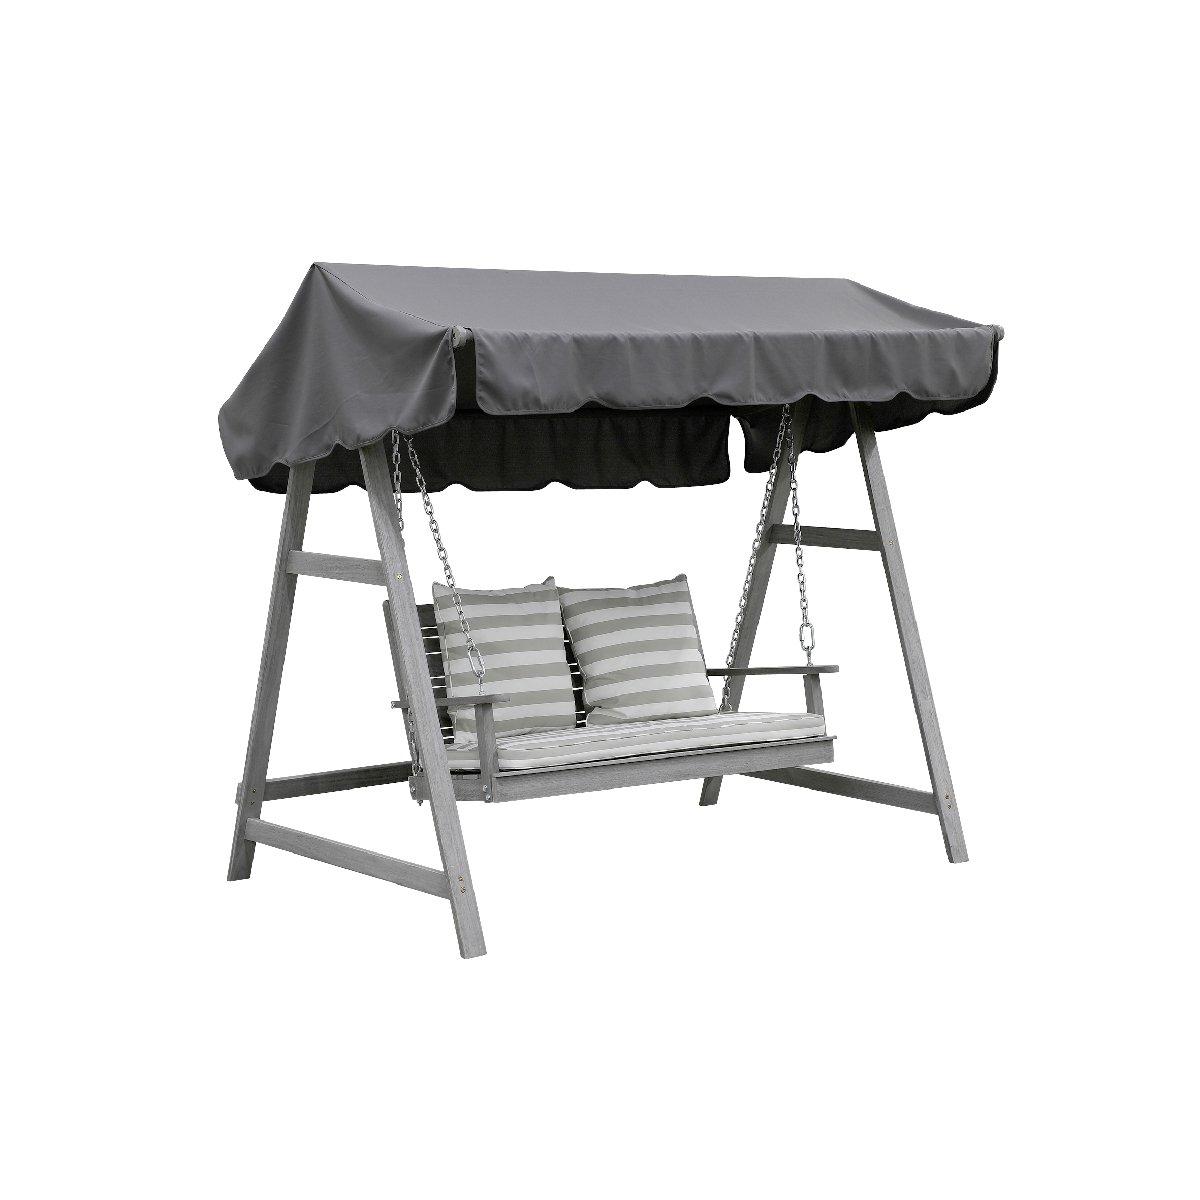 greemotion Hollywoodschaukel Maui aus Holz in Grau-Gartenschaukel 2 Sitzer-Schaukel Hollywood Akazie massiv-Hollywoodliege für Garten, Balkon & Terrasse, 22,3 x 7 x 1,5 cm